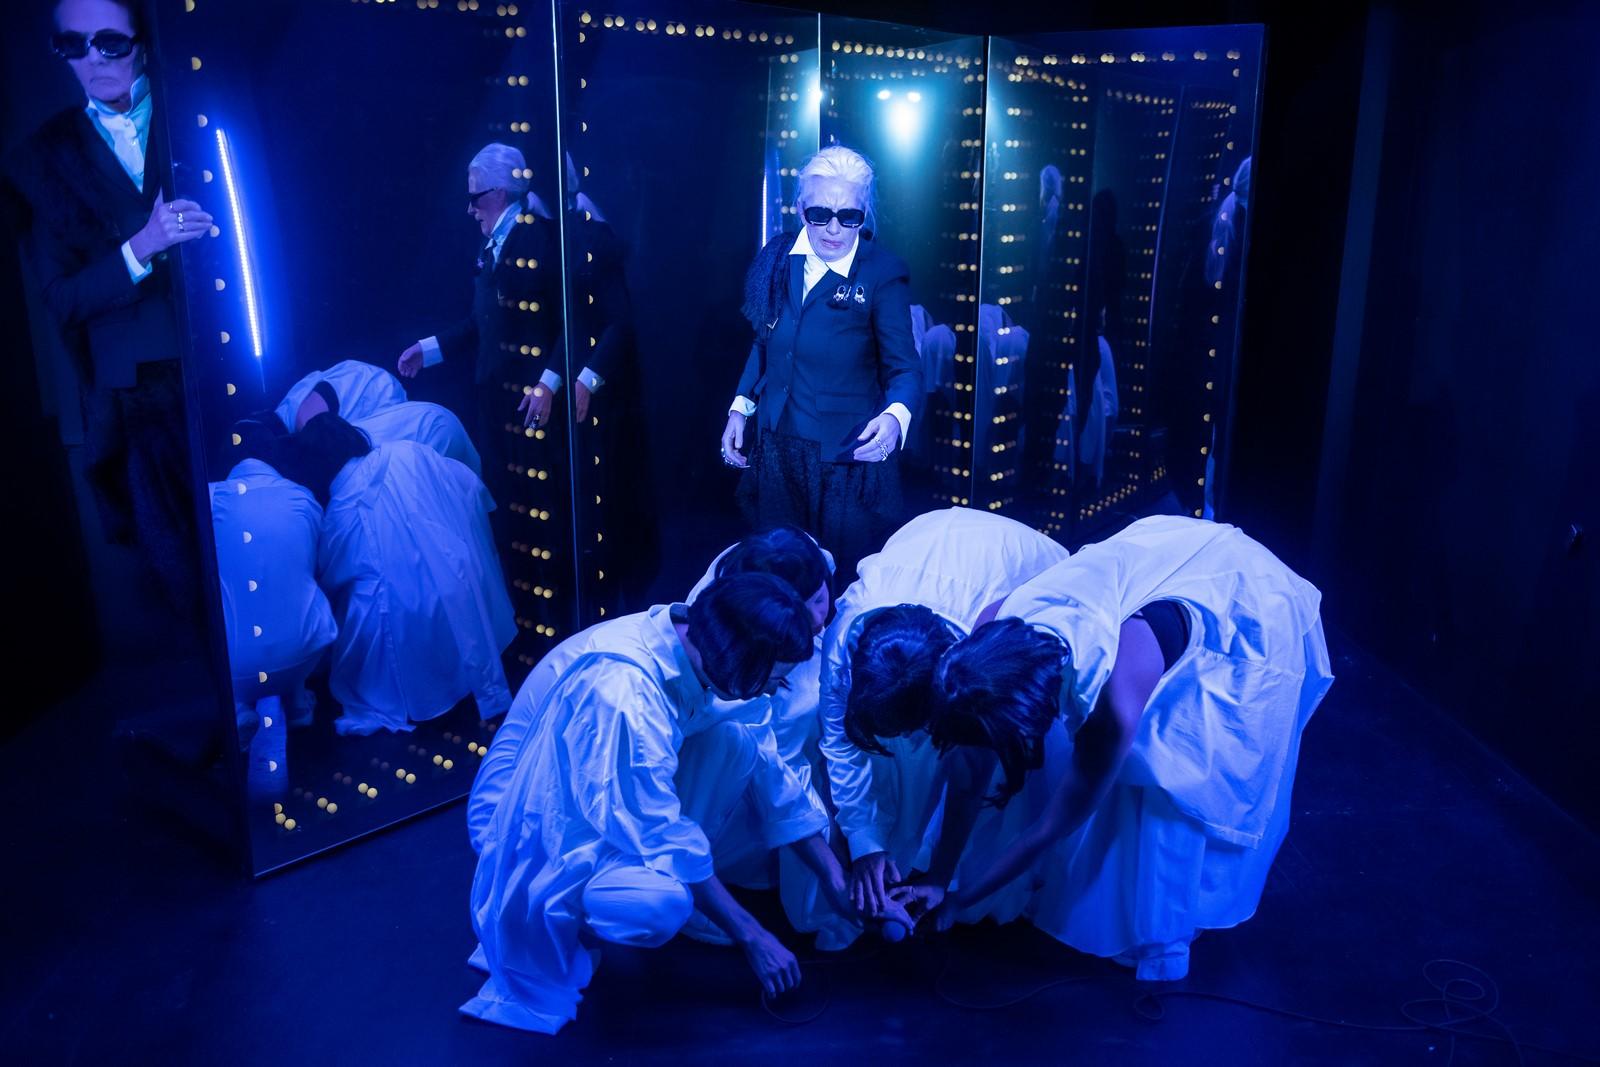 Anmeldelse: Fashion – et fix af forførelse, Teater Får302 (Teater Får302 & Theatre Academy of Helsinki)